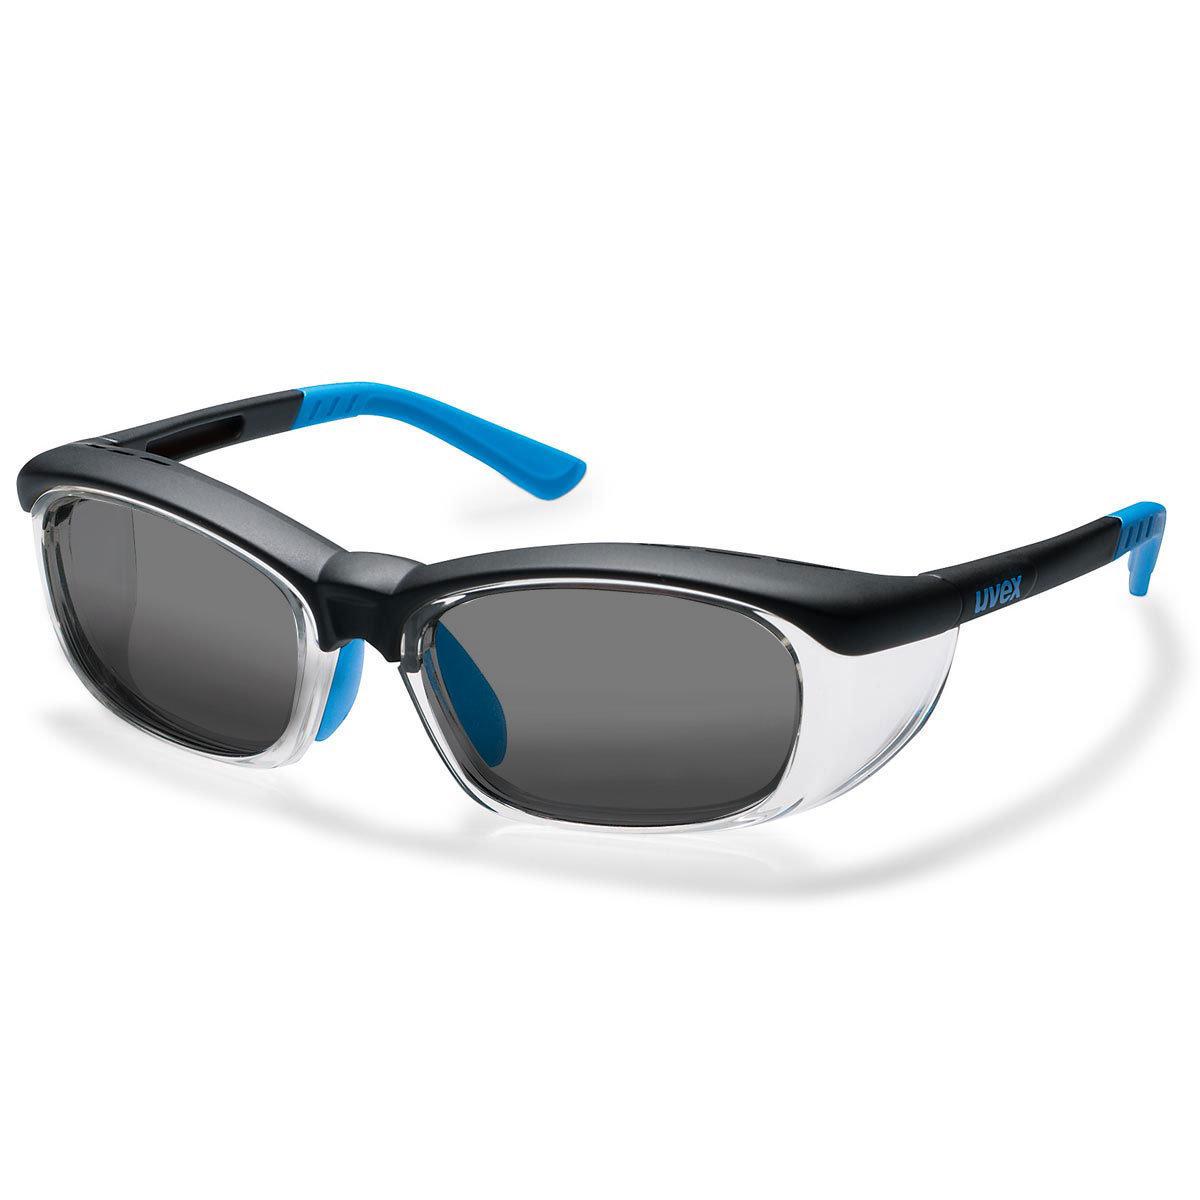 Uvex Korrektionsschutzbrille RX cd 5514 - grau getönt